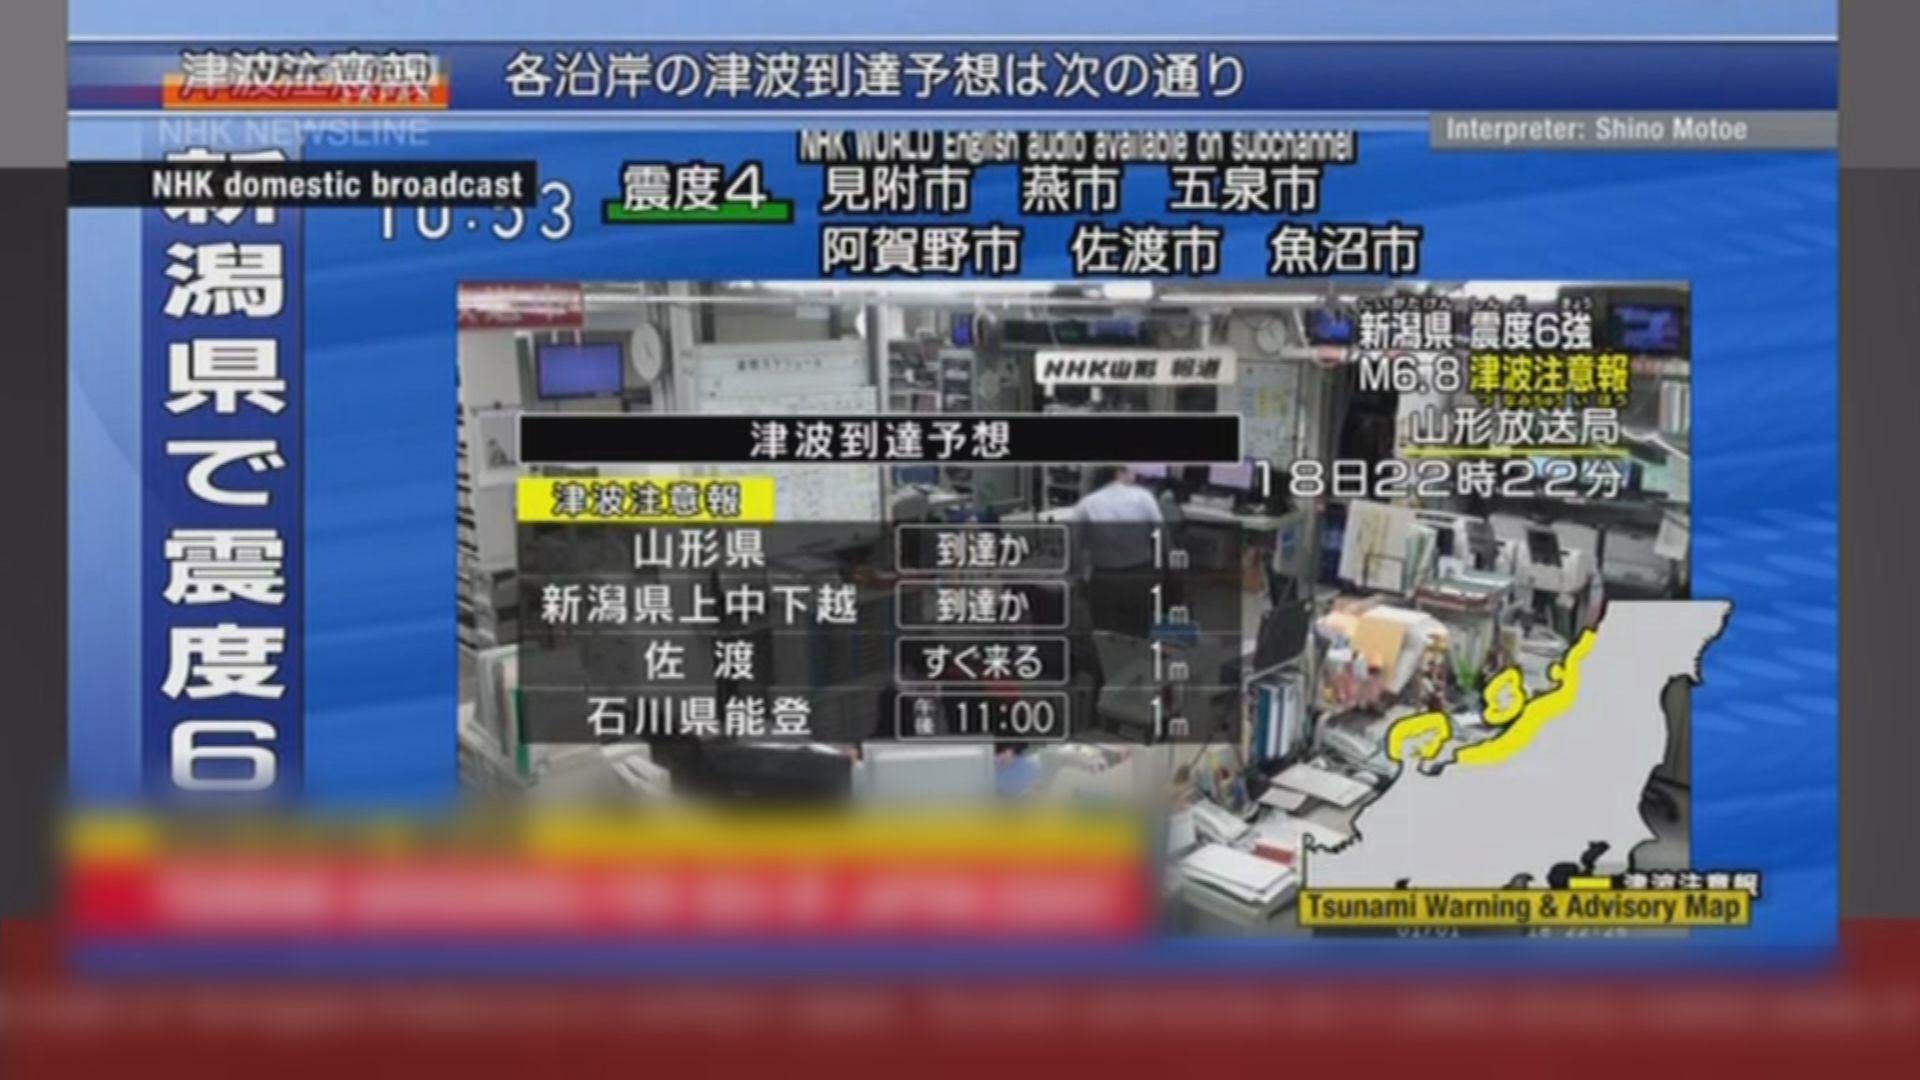 日本新潟6.8級地震 當局發海嘯警報